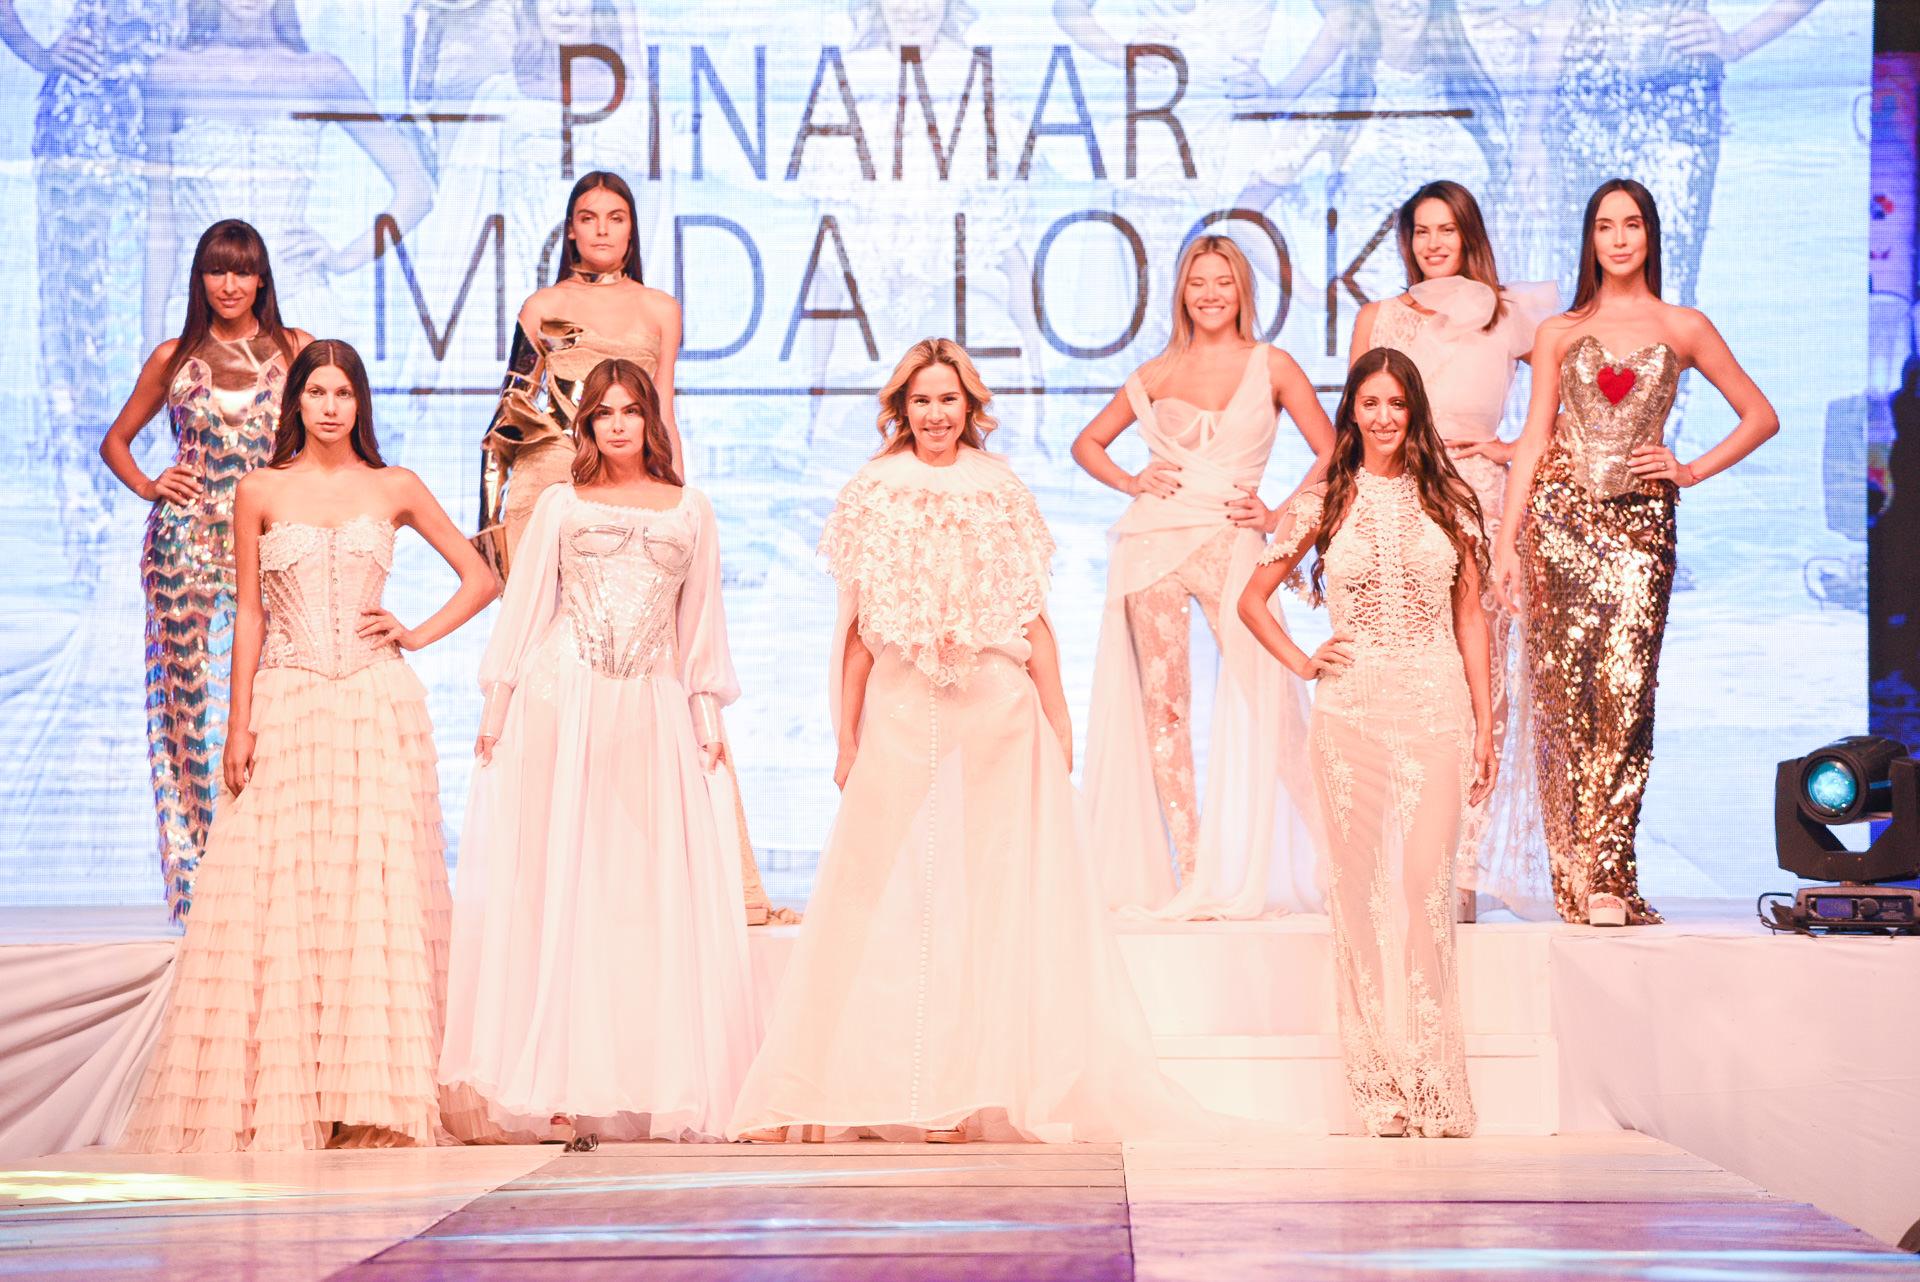 Los diseños de Verónica de la Canal. A puro brillo, corsetería, sedas y encajes en la noche de Pinamar Moda Look